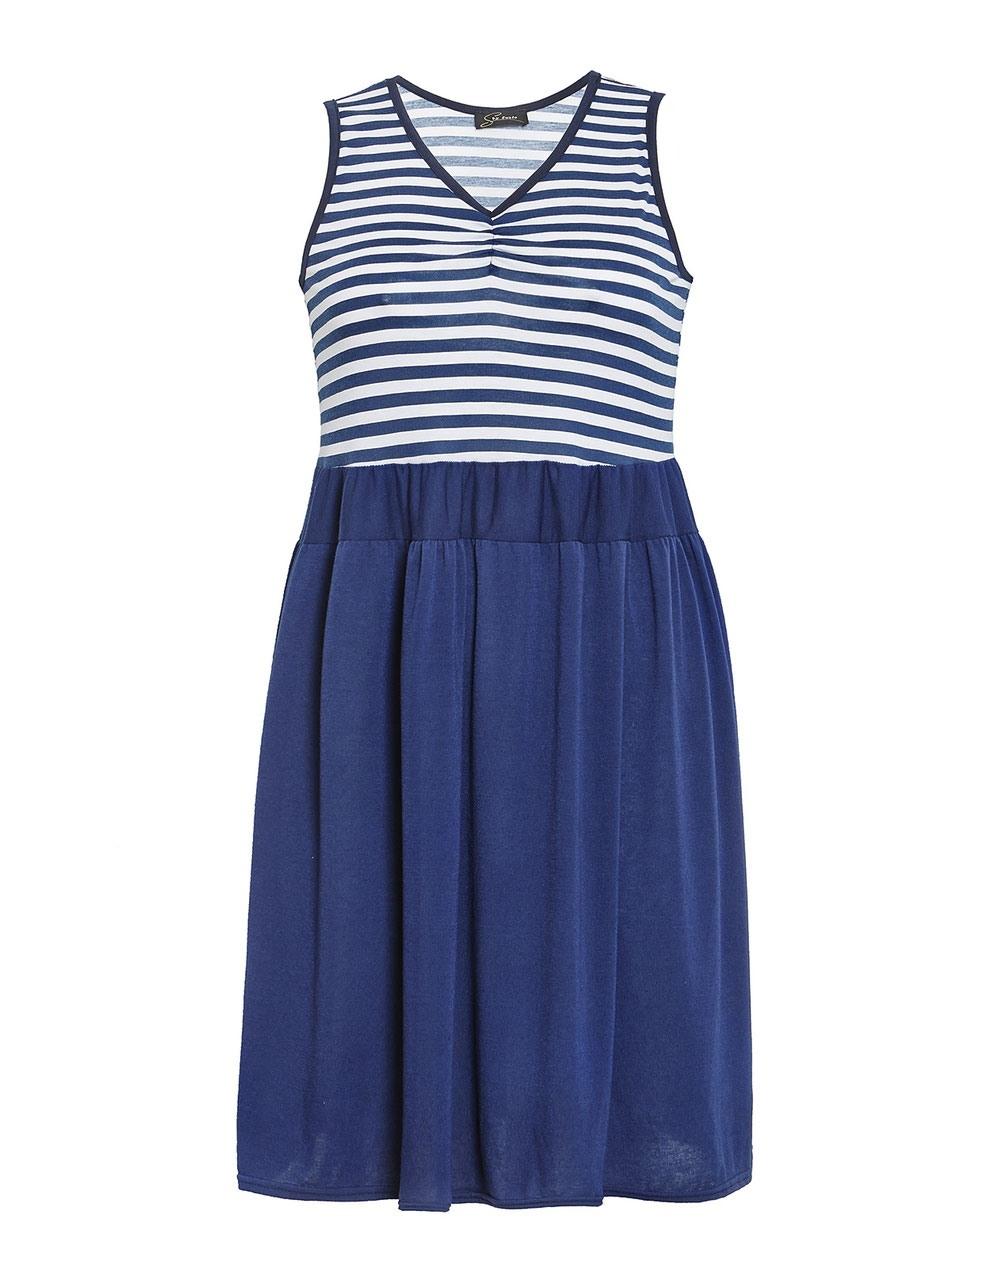 Abend Großartig Sommerkleid Gr 48 Vertrieb10 Schön Sommerkleid Gr 48 Spezialgebiet